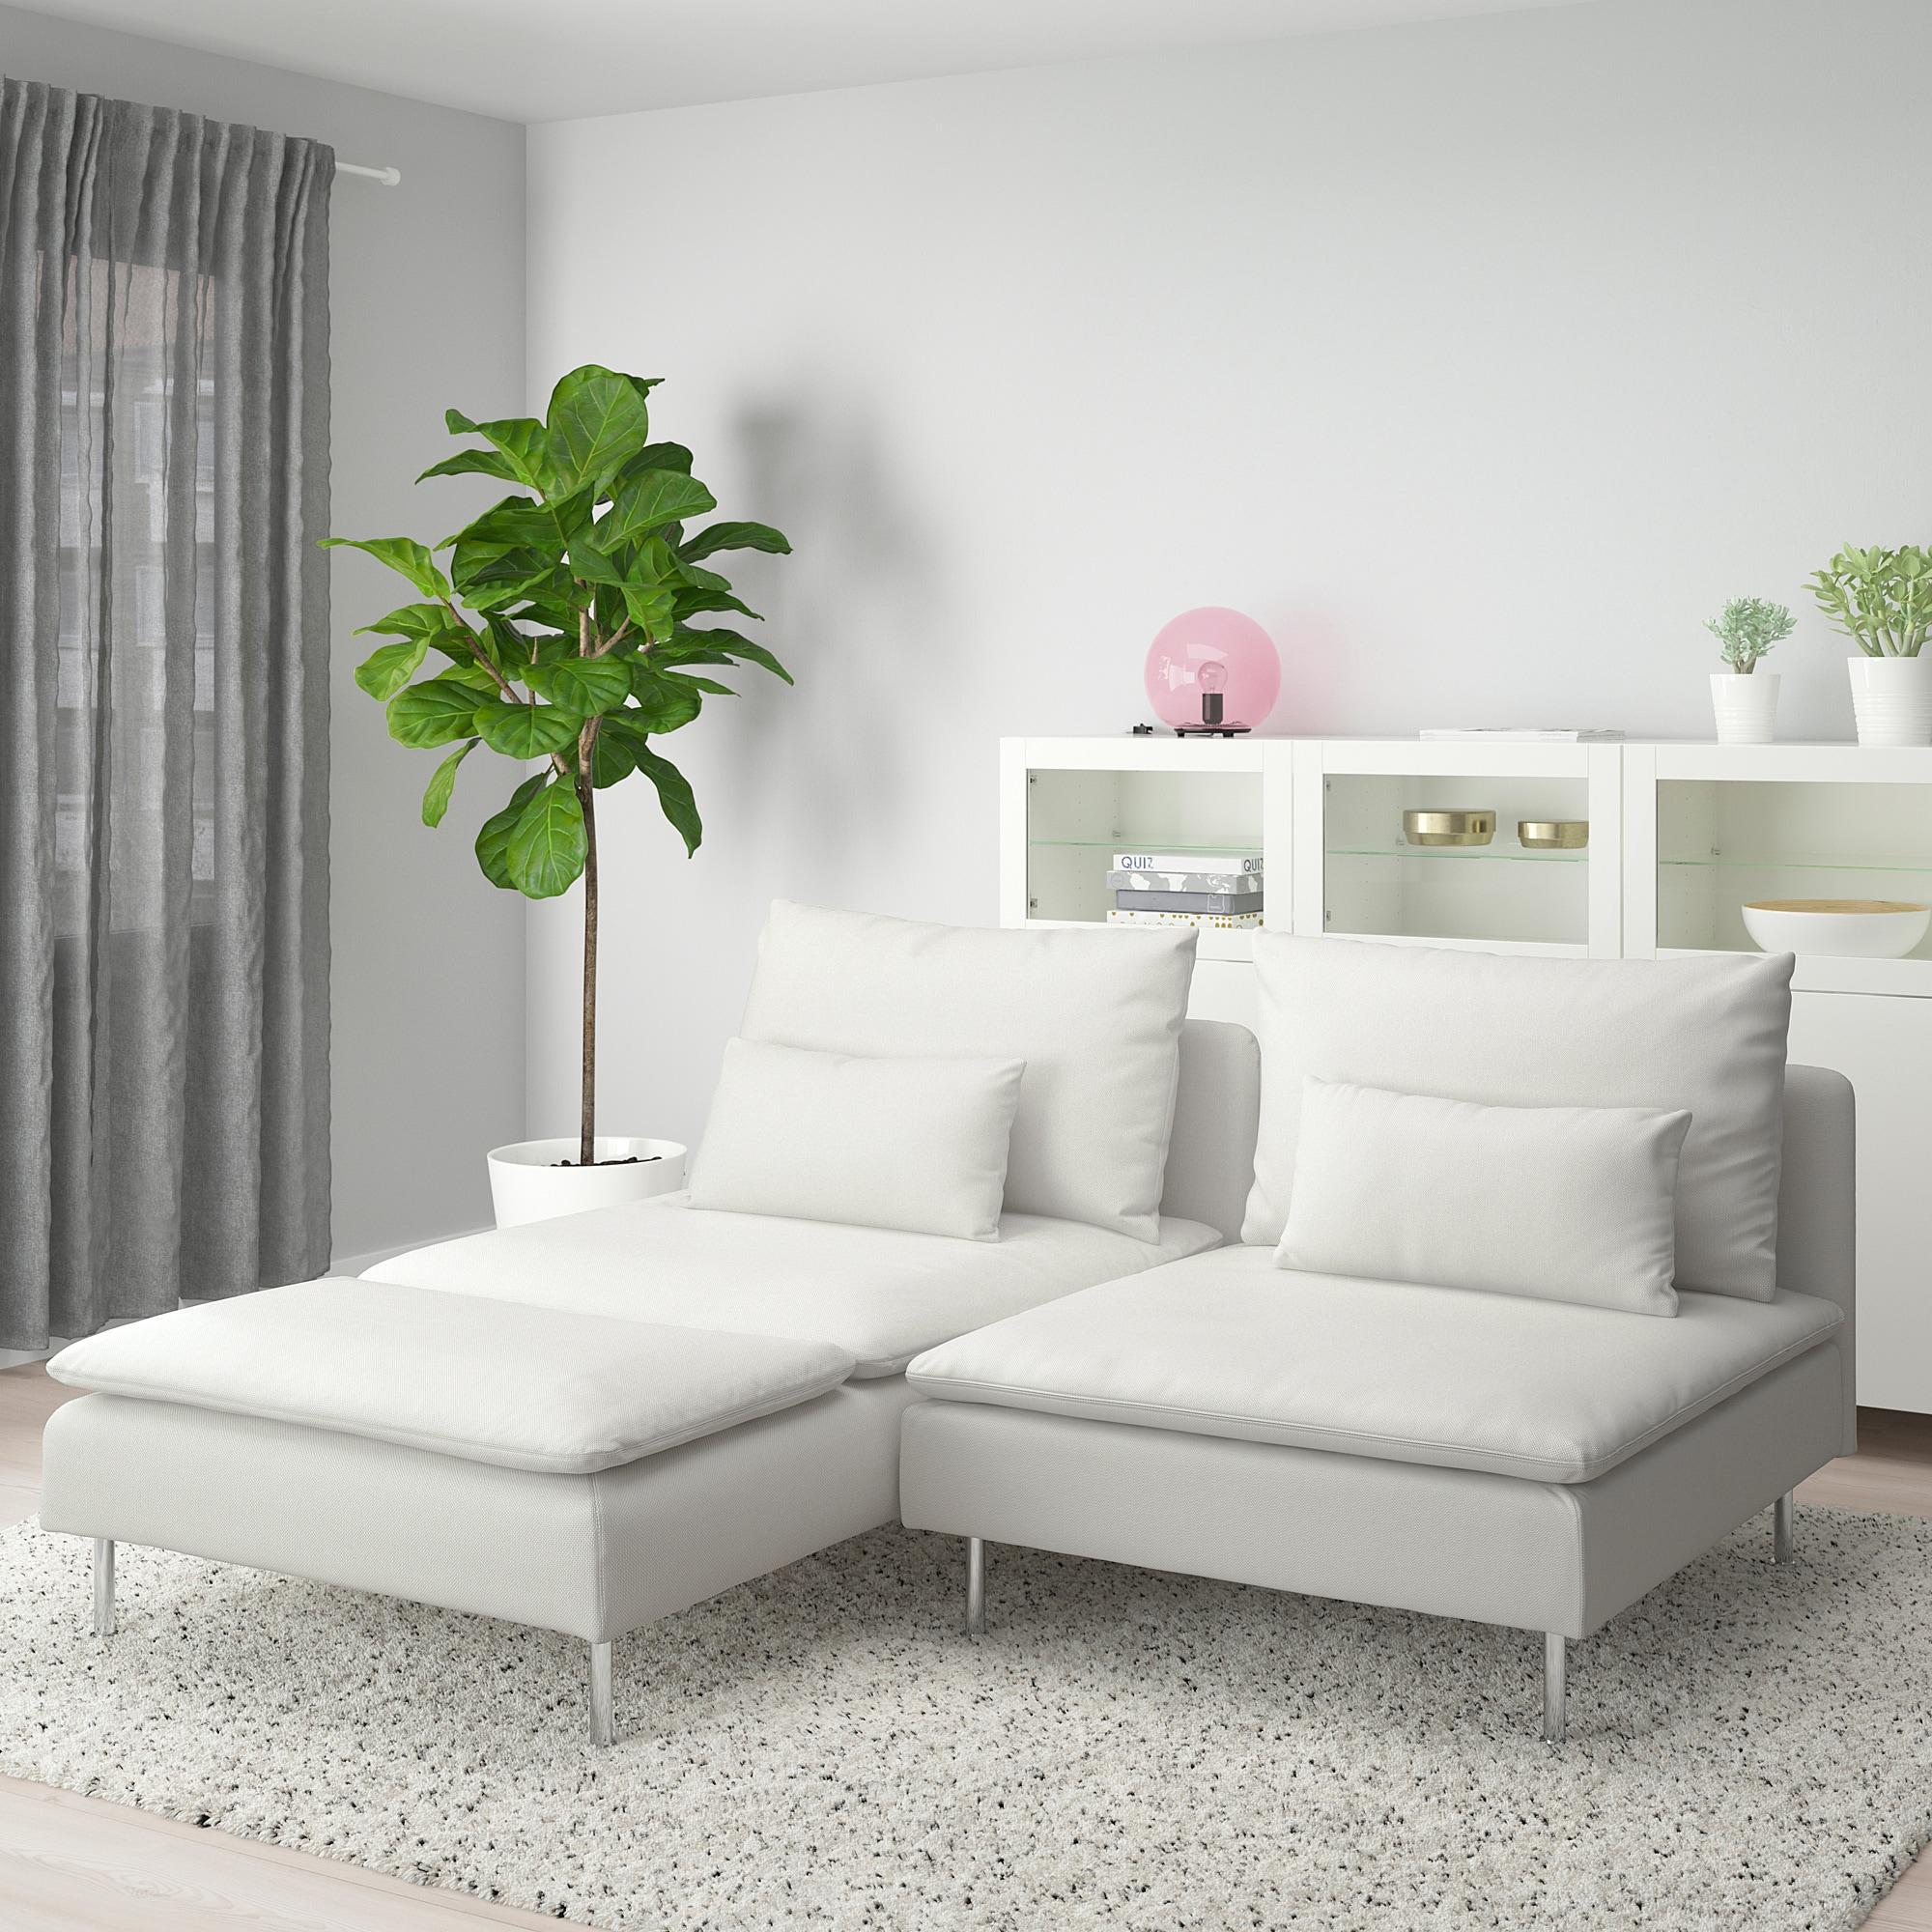 Soderhamn Loveseat With Chaise Finnsta White Ikea 2er Sofa Recamiere Kleines Sofa